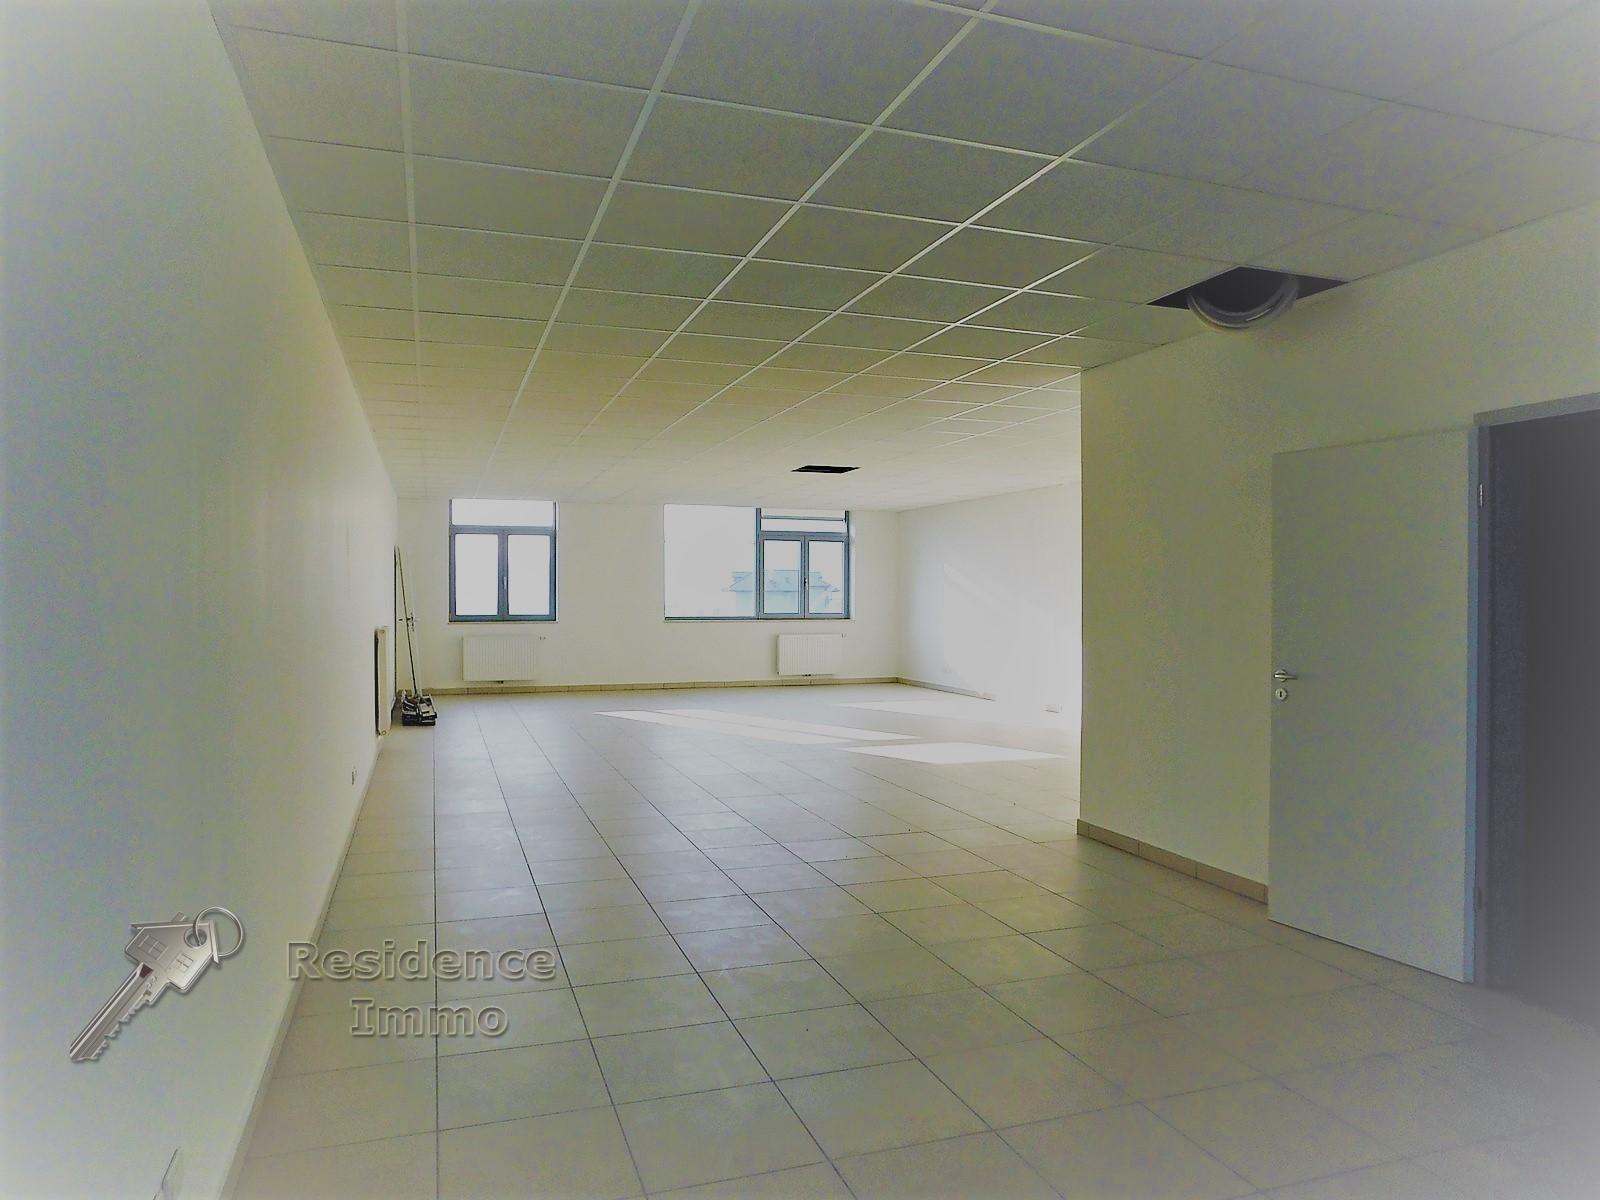 Ufficio / Studio in vendita a Andriano, 9999 locali, prezzo € 225.000 | CambioCasa.it